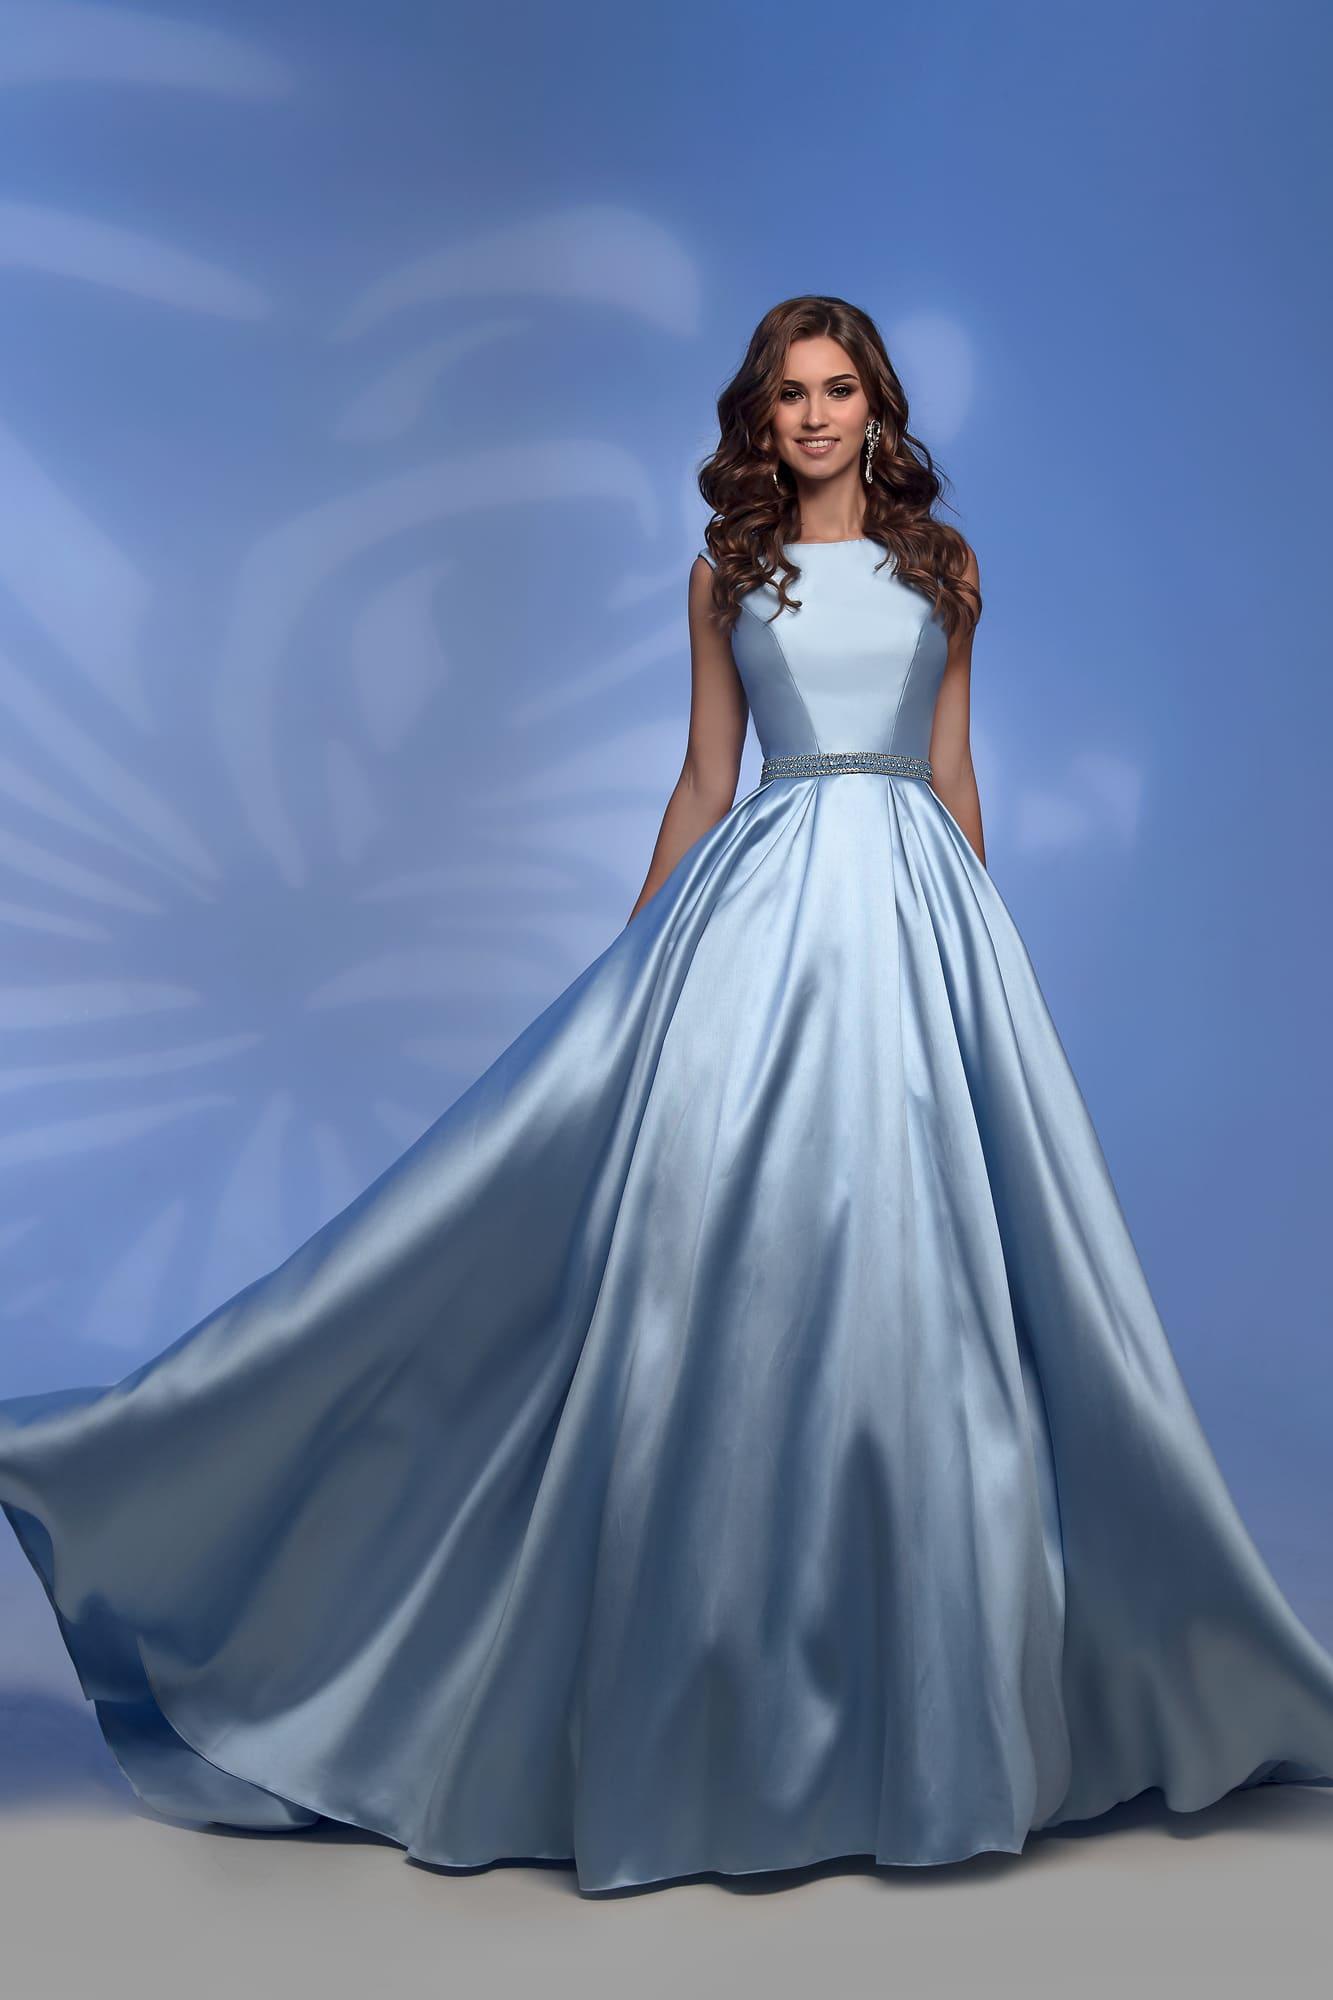 f84a579a8f2 Голубое платье для выпускного Nora Naviano 31250 blue. Купить ...